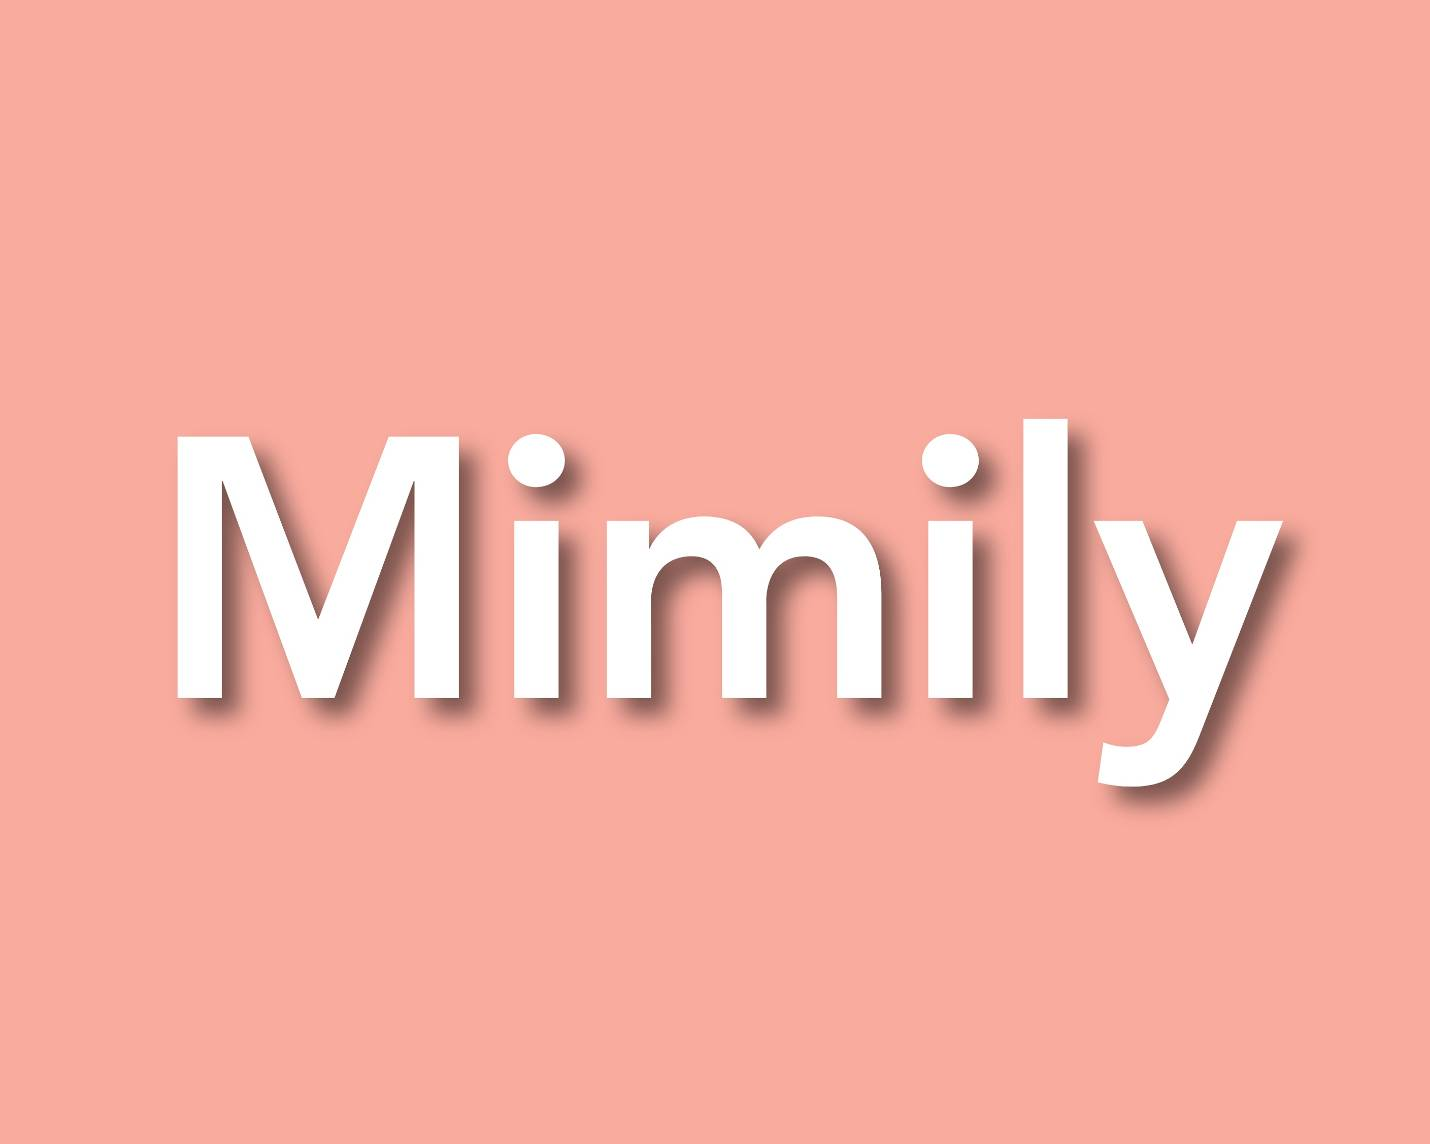 オーディション 「Mimily」ルームウェアのイメージモデル募集 新作ルームウェアの広告モデル、ランウェイモデルを募集します 主催:Mimily、カテゴリ:モデル